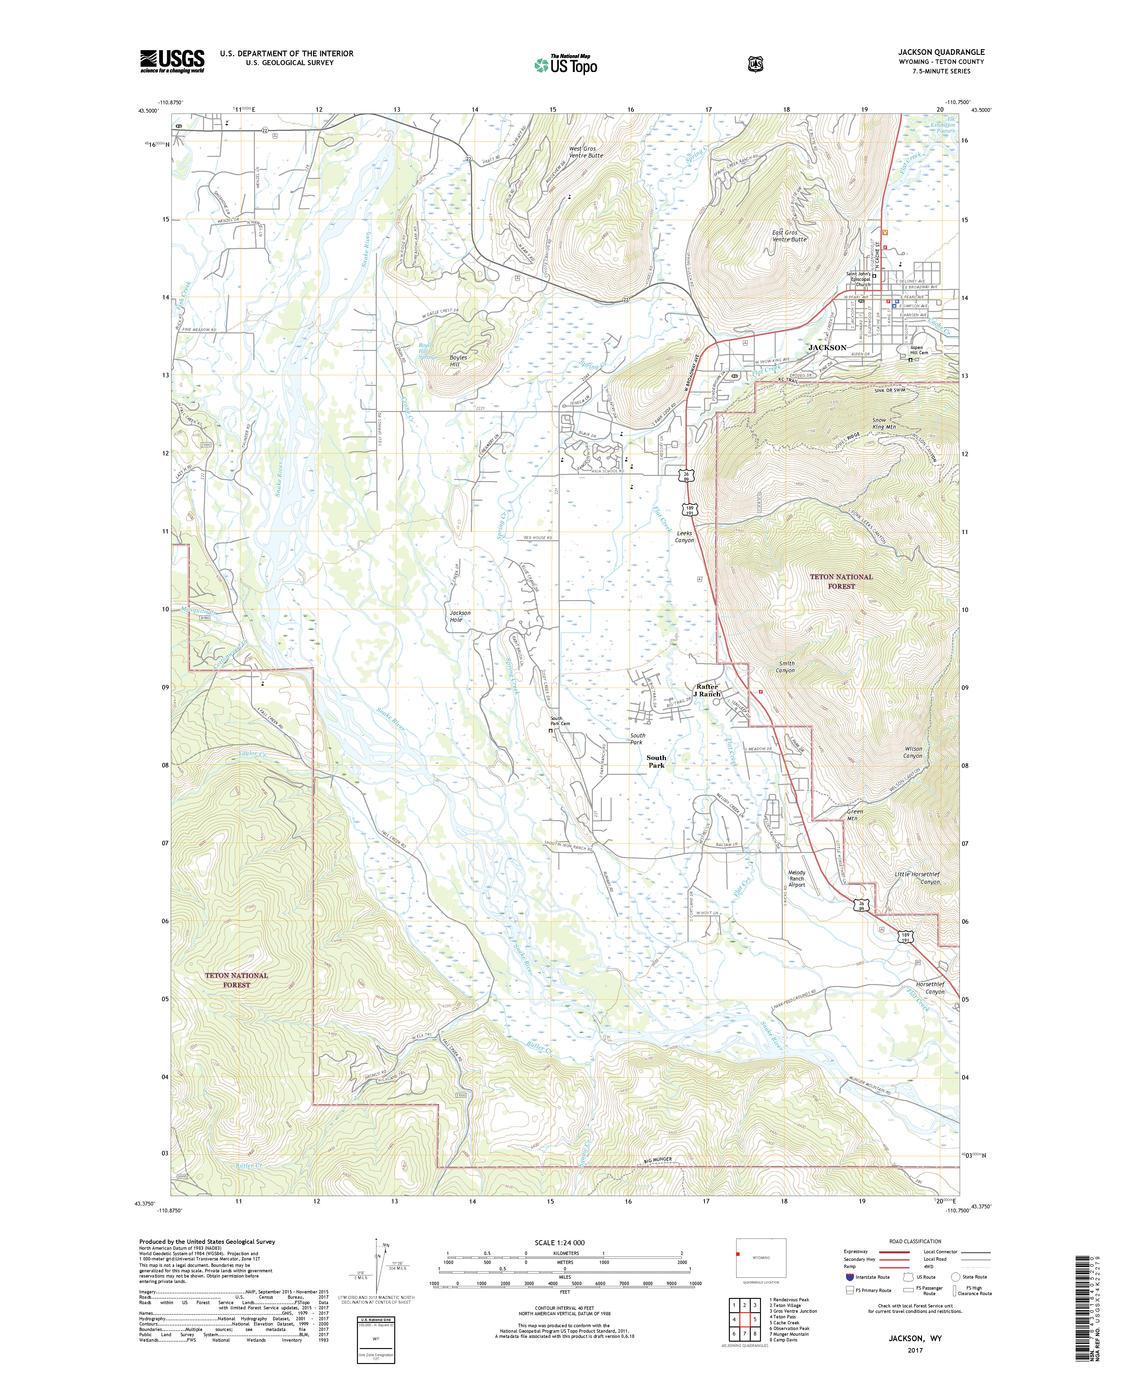 Us Topo: Maps For America - Free Printable Topo Maps